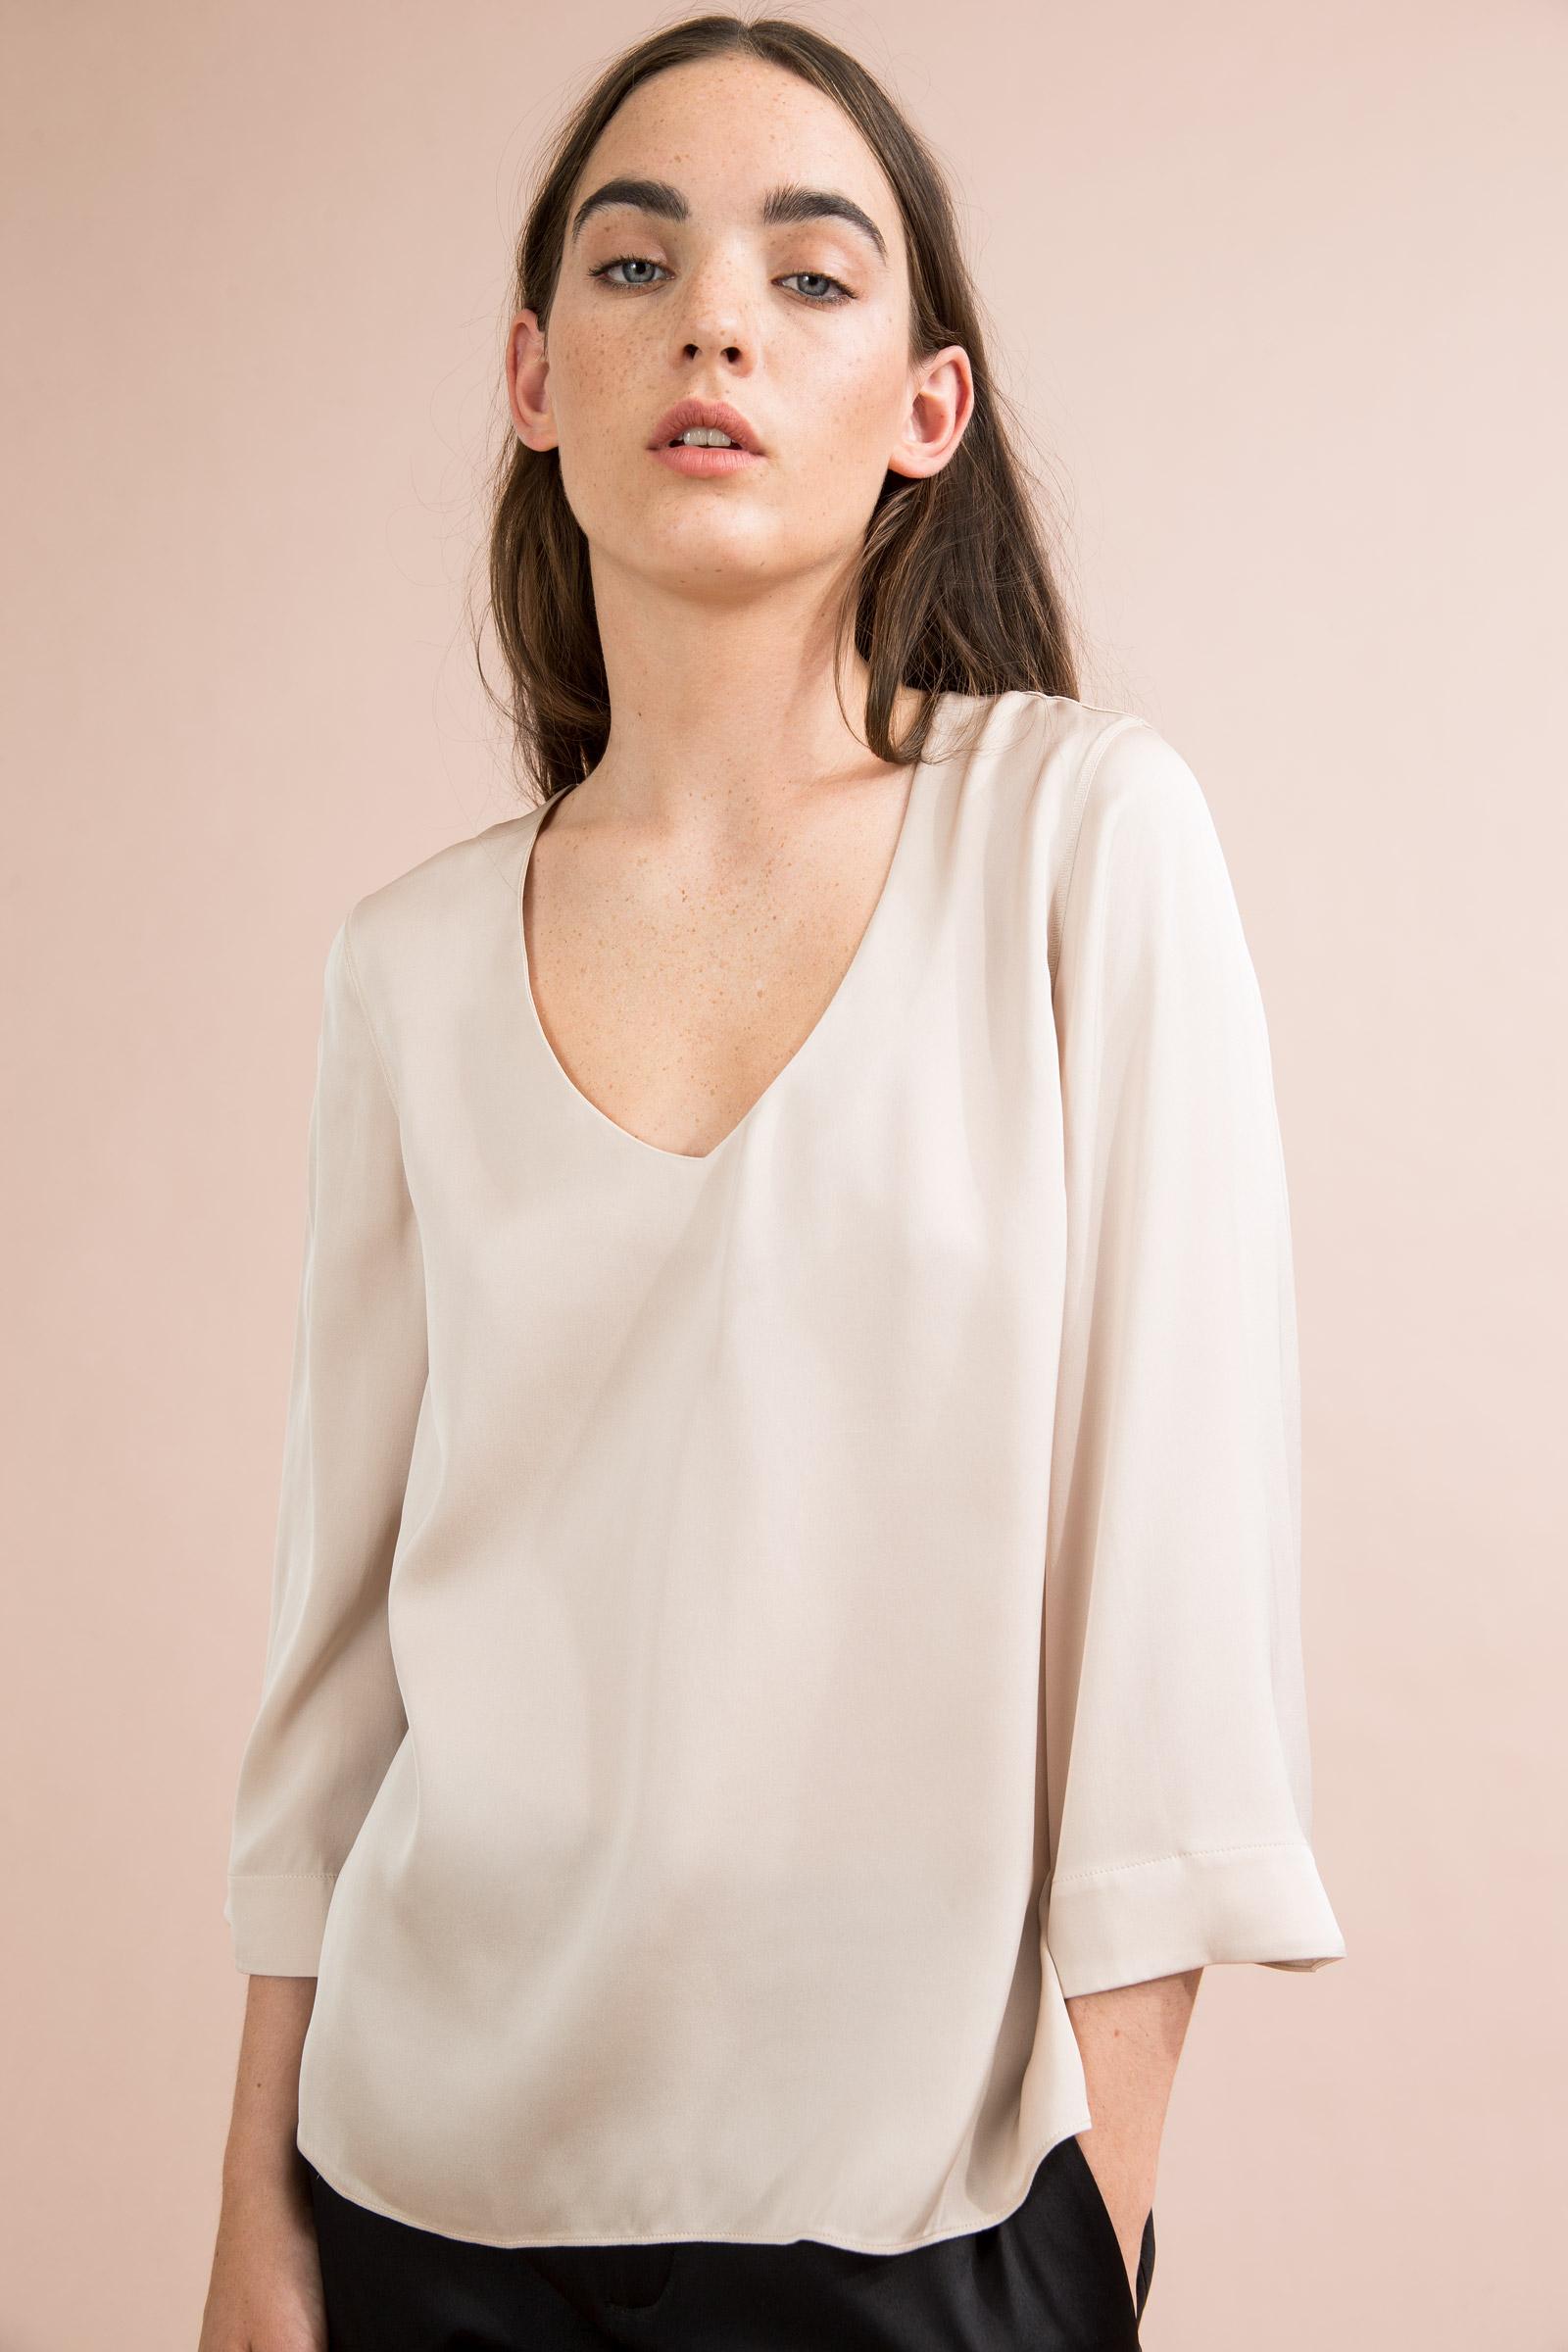 Kvinnlig modell under fotografering i Studio i snyggt ljus